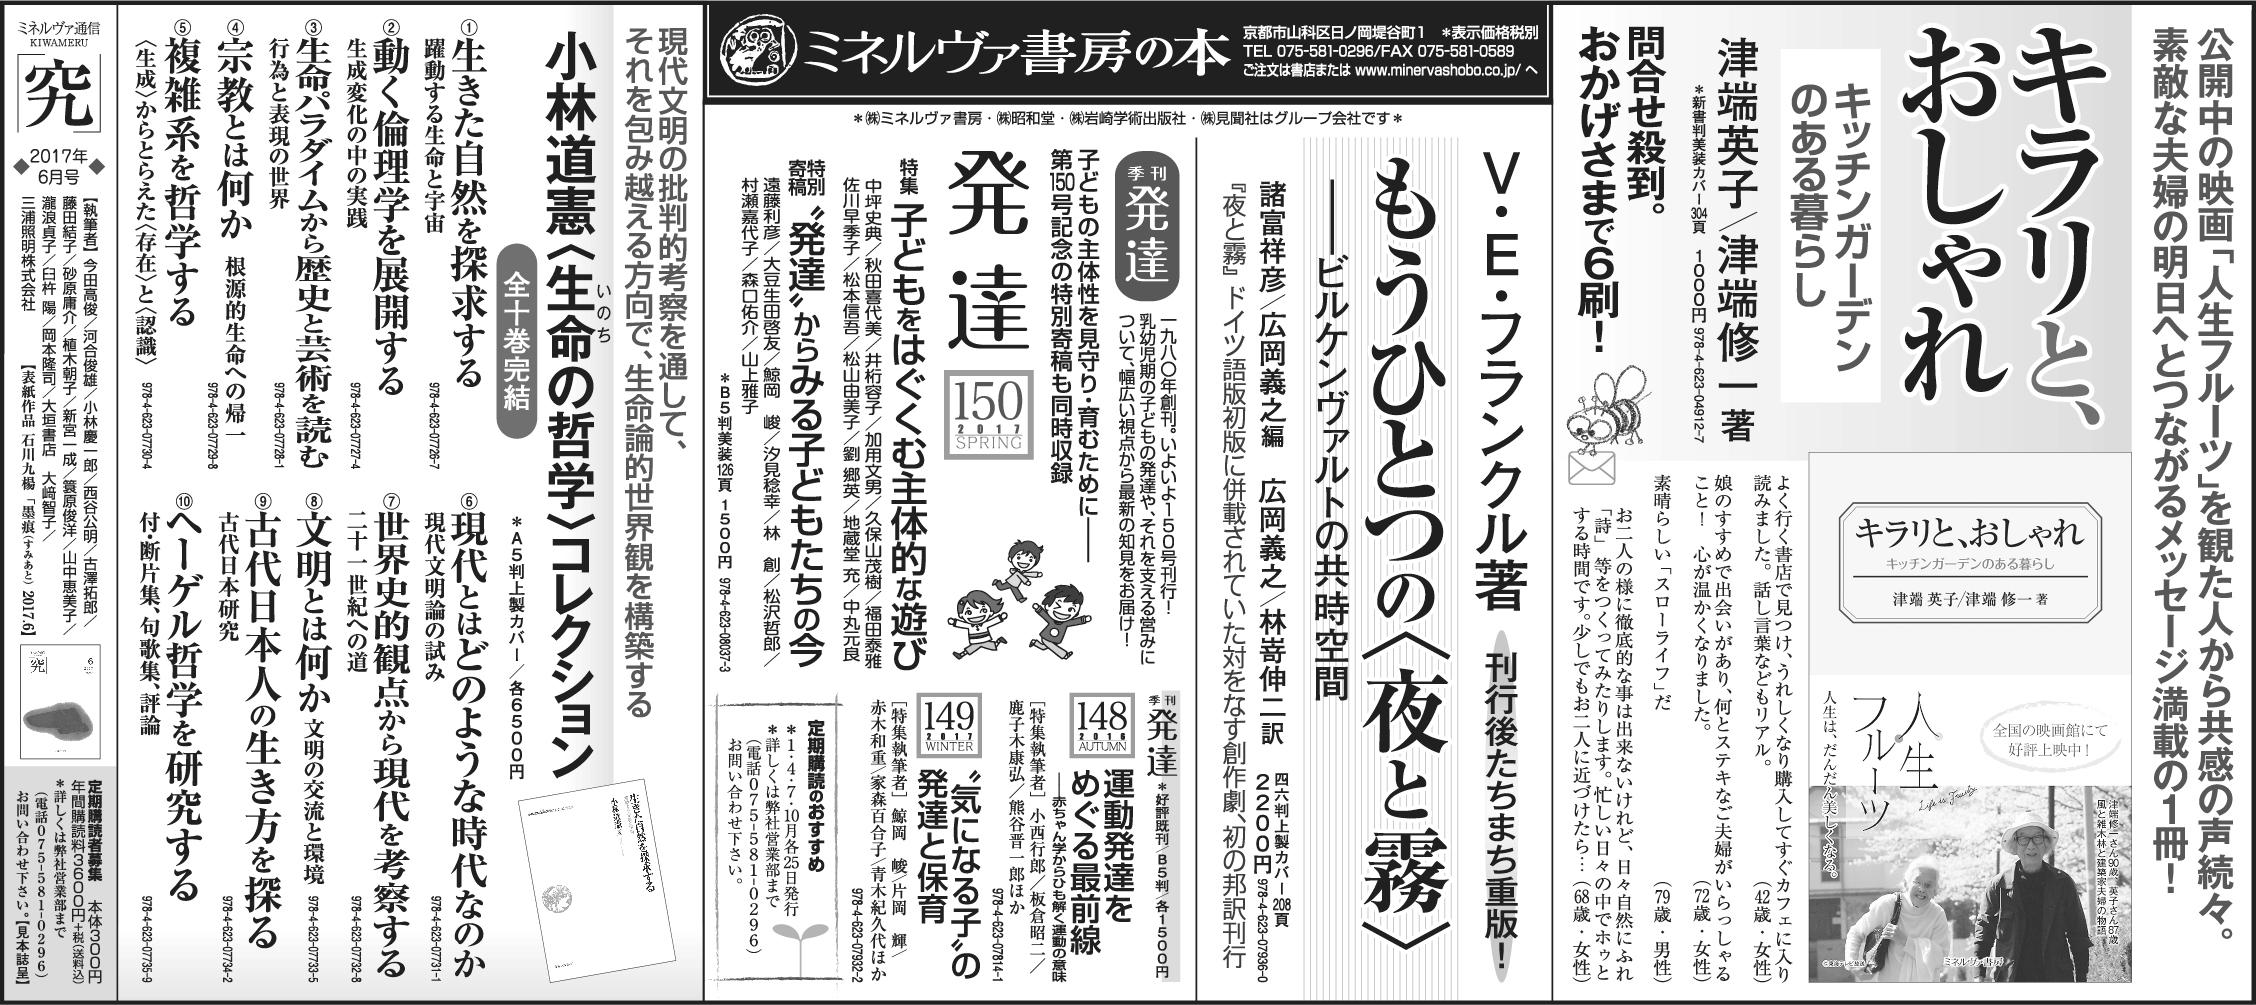 朝日新聞2017年5月14日(読書面)全5段広告